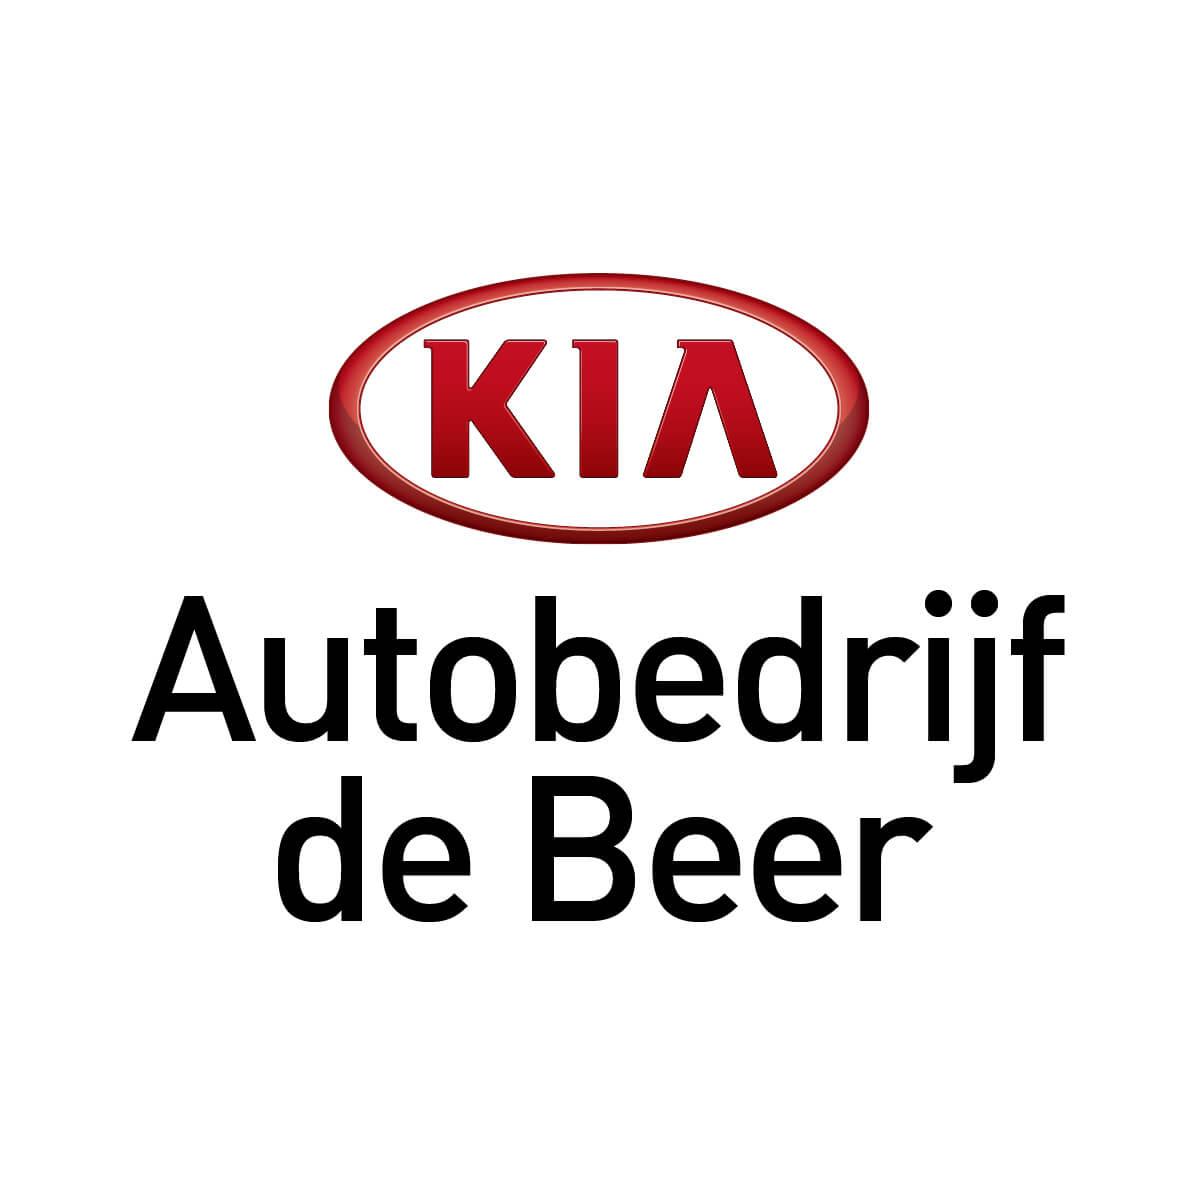 KIA autobedrijf de beer